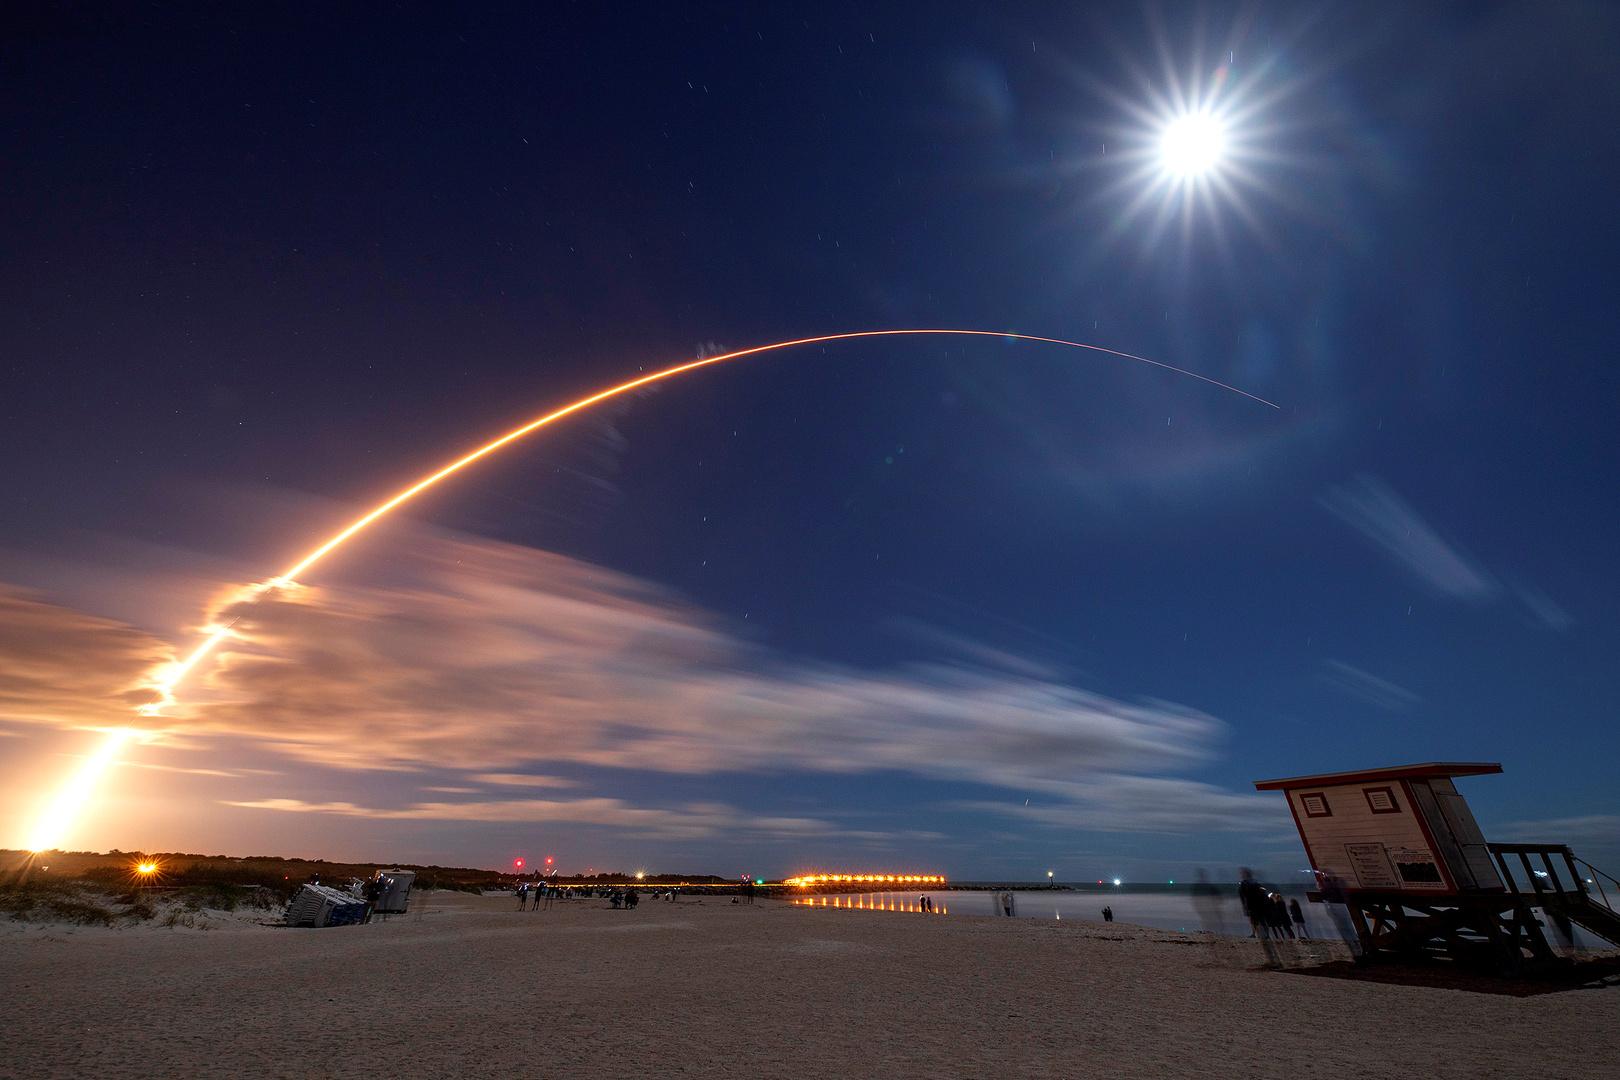 تطوير الدفاع الصاروخي الروسي يعطل الخطط الأمريكية في الفضاء